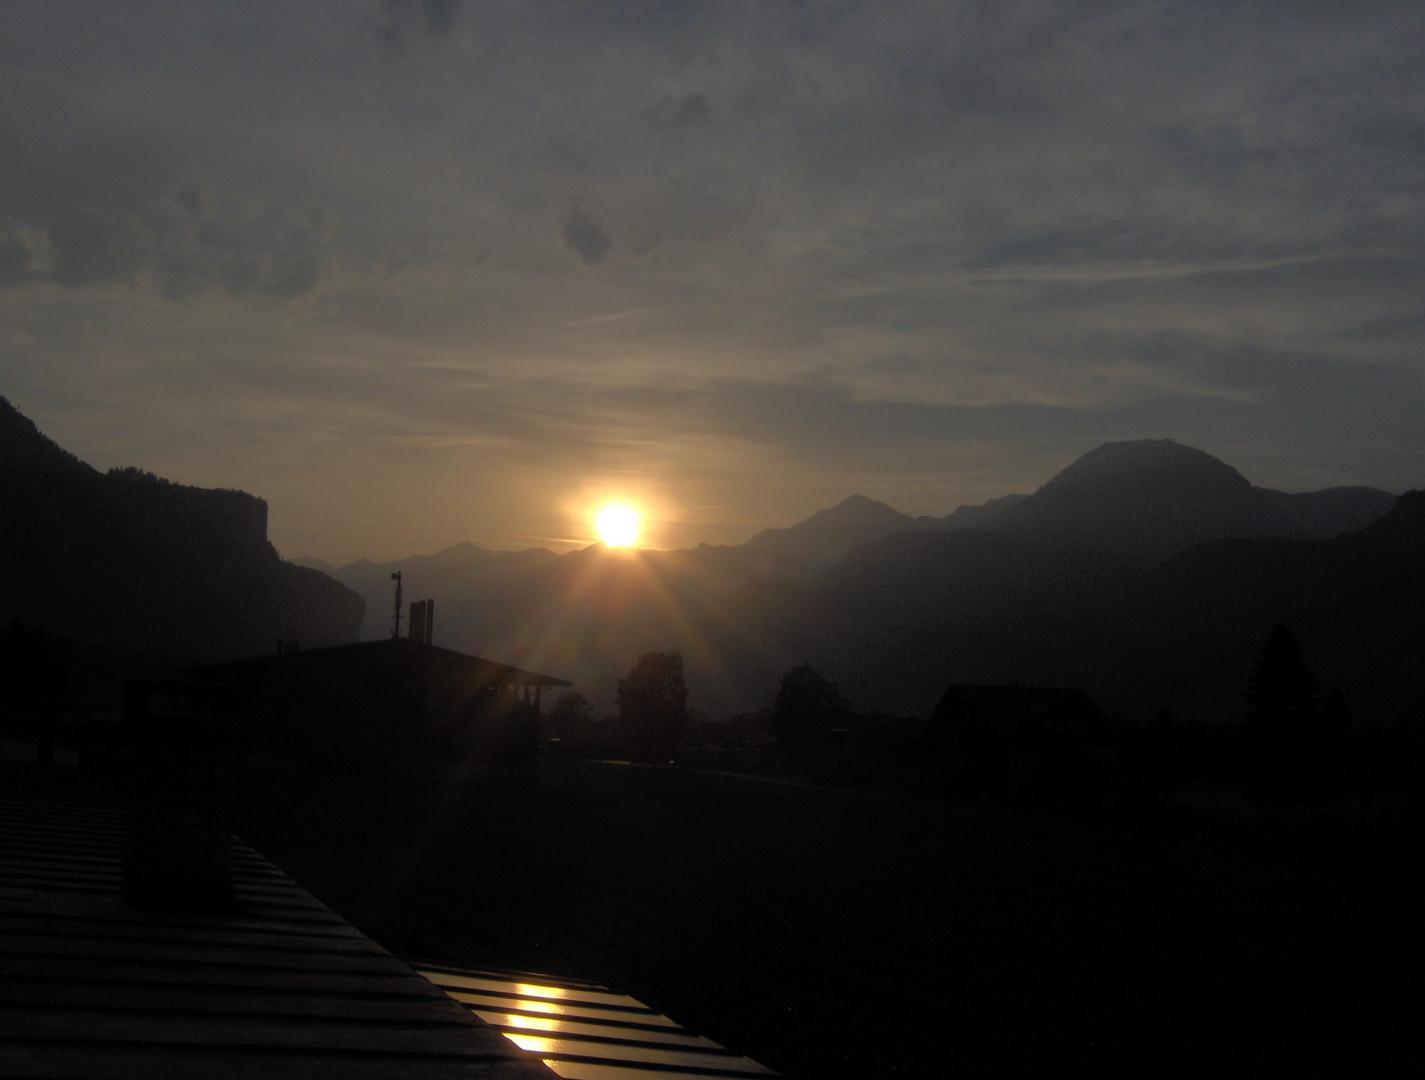 Sonnenuntergang aus Meiringen aus gesehen